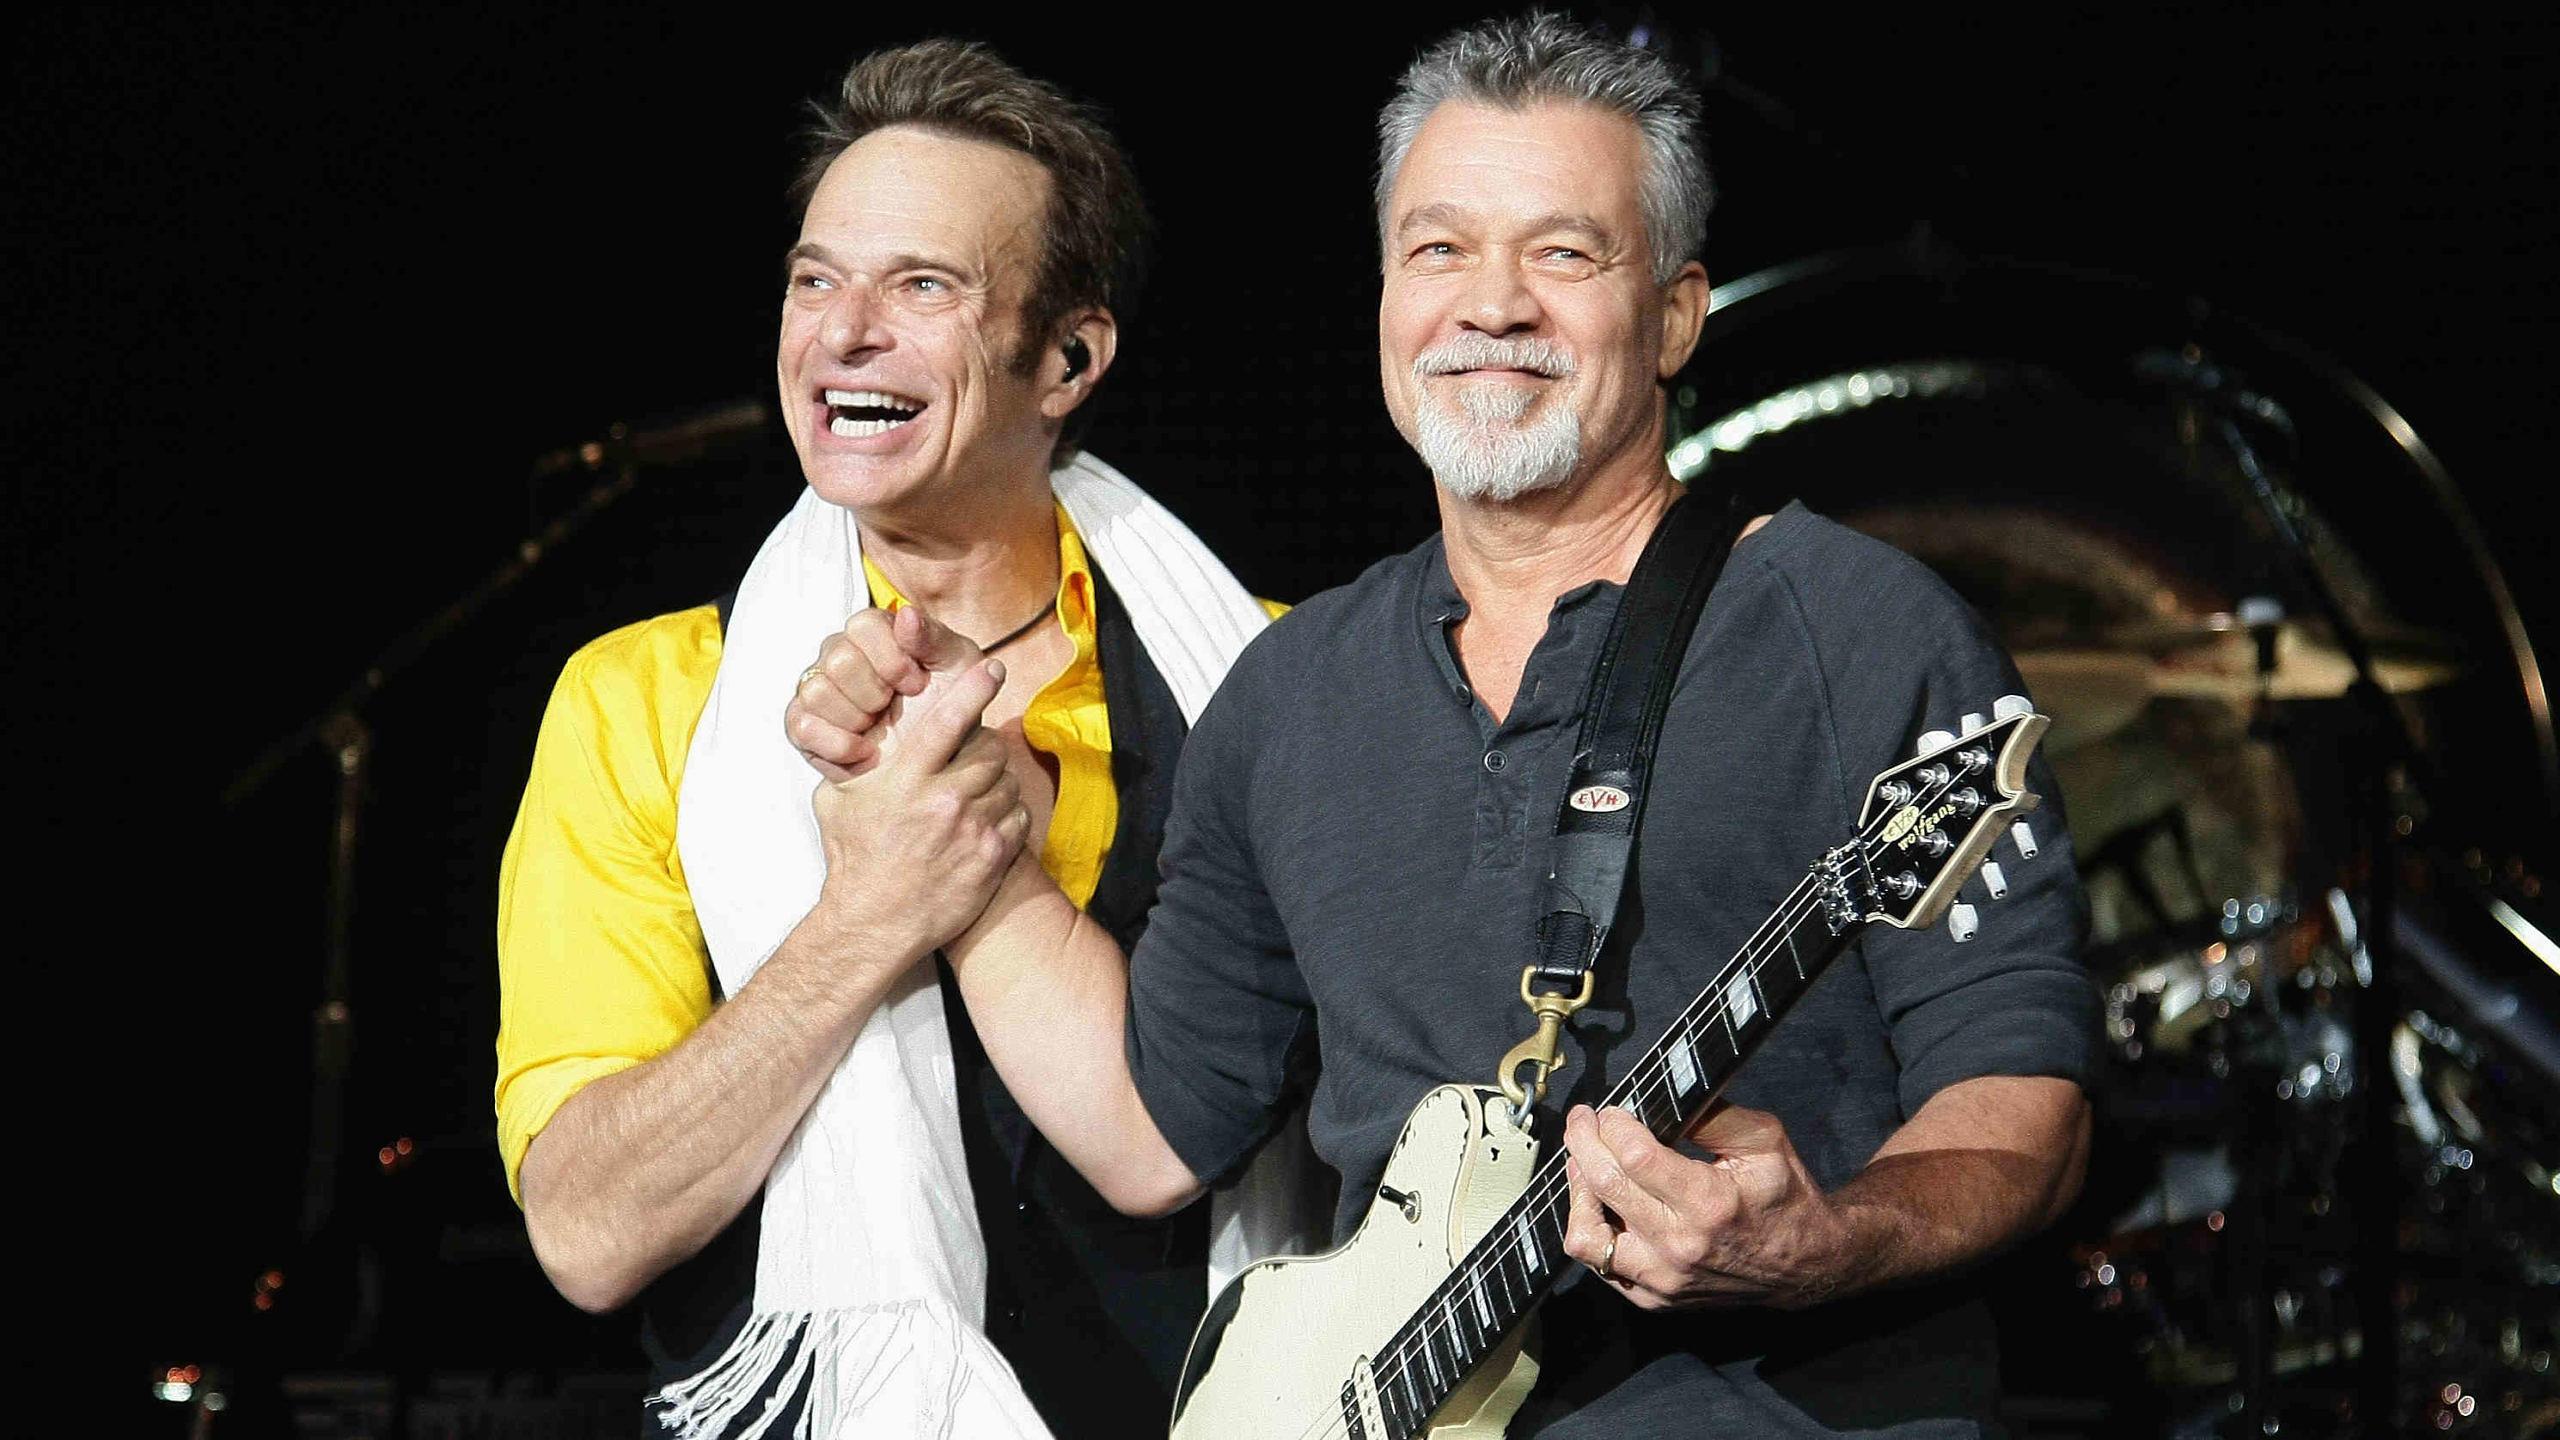 David Lee Roth bezweifelt, dass Eddie Van Halen wieder auf Tour geht